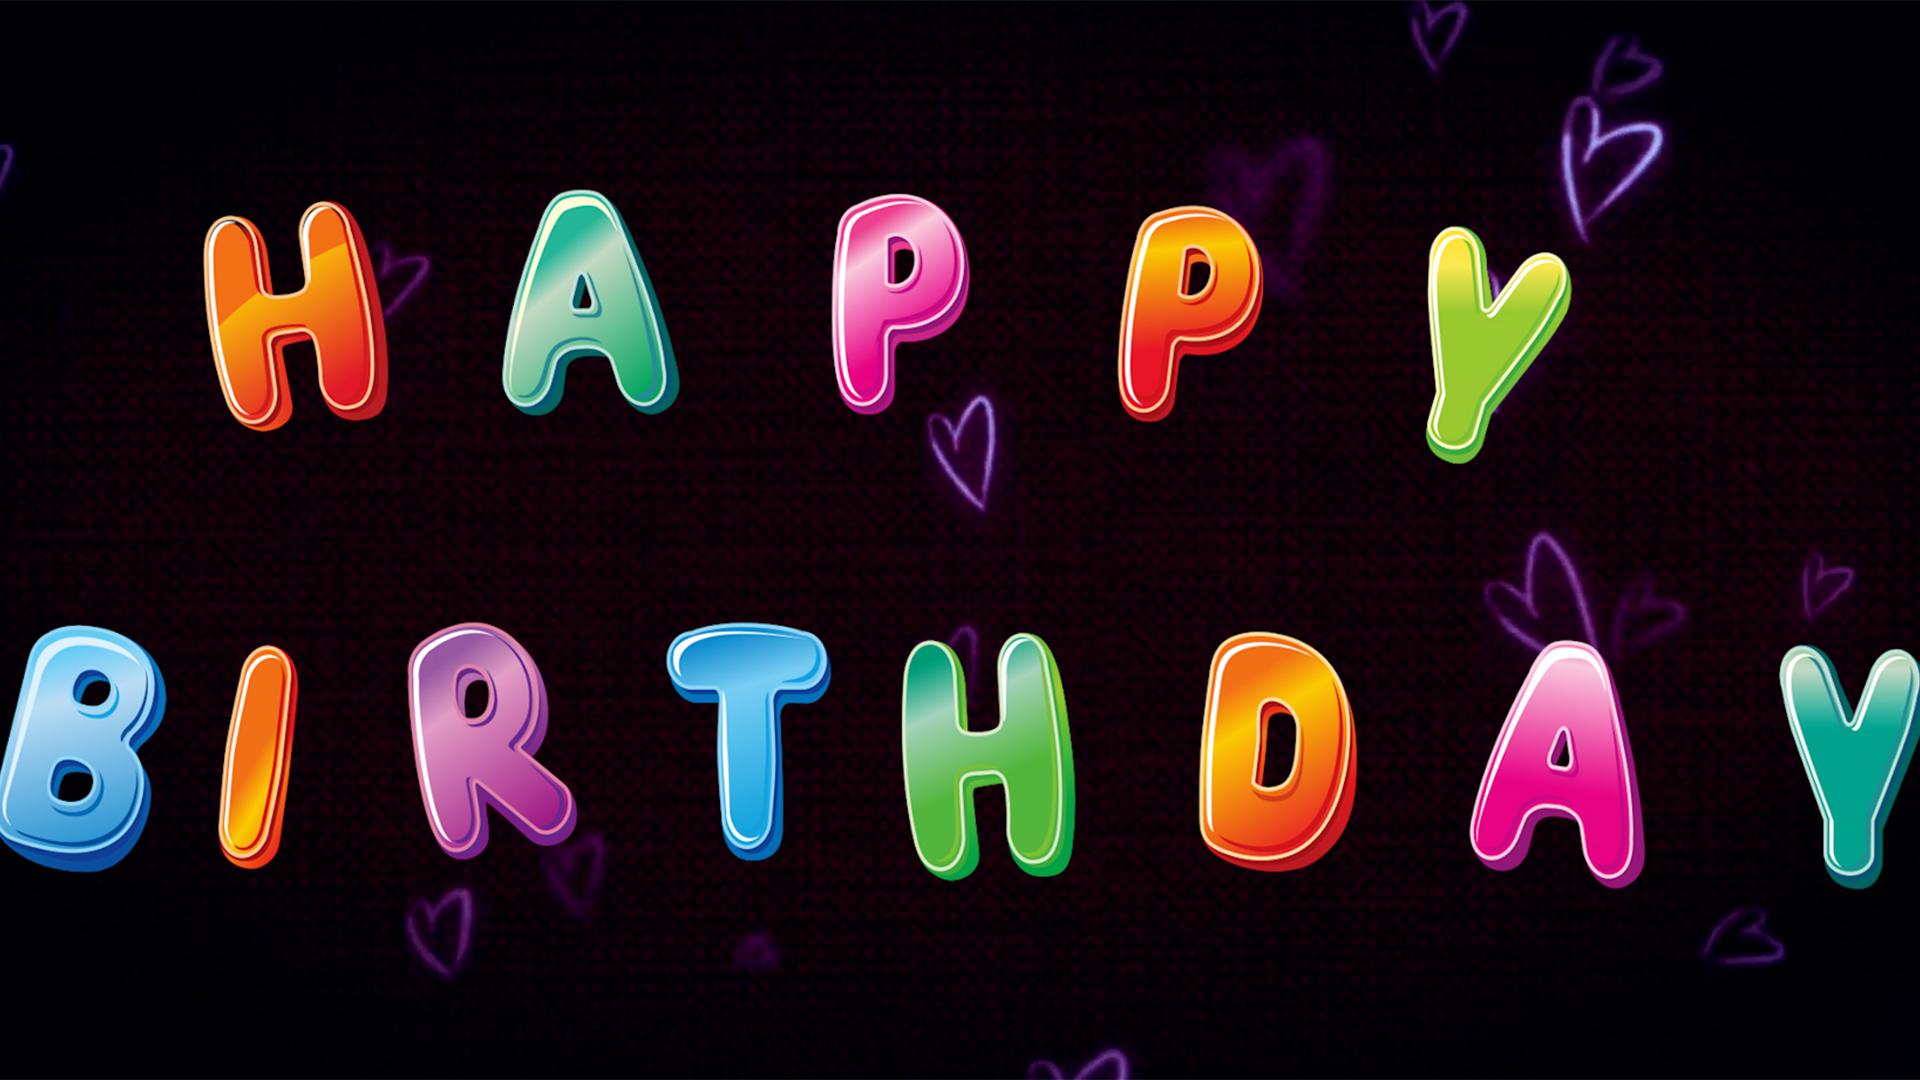 I will make create an amazing happy birthday photo slideshow video